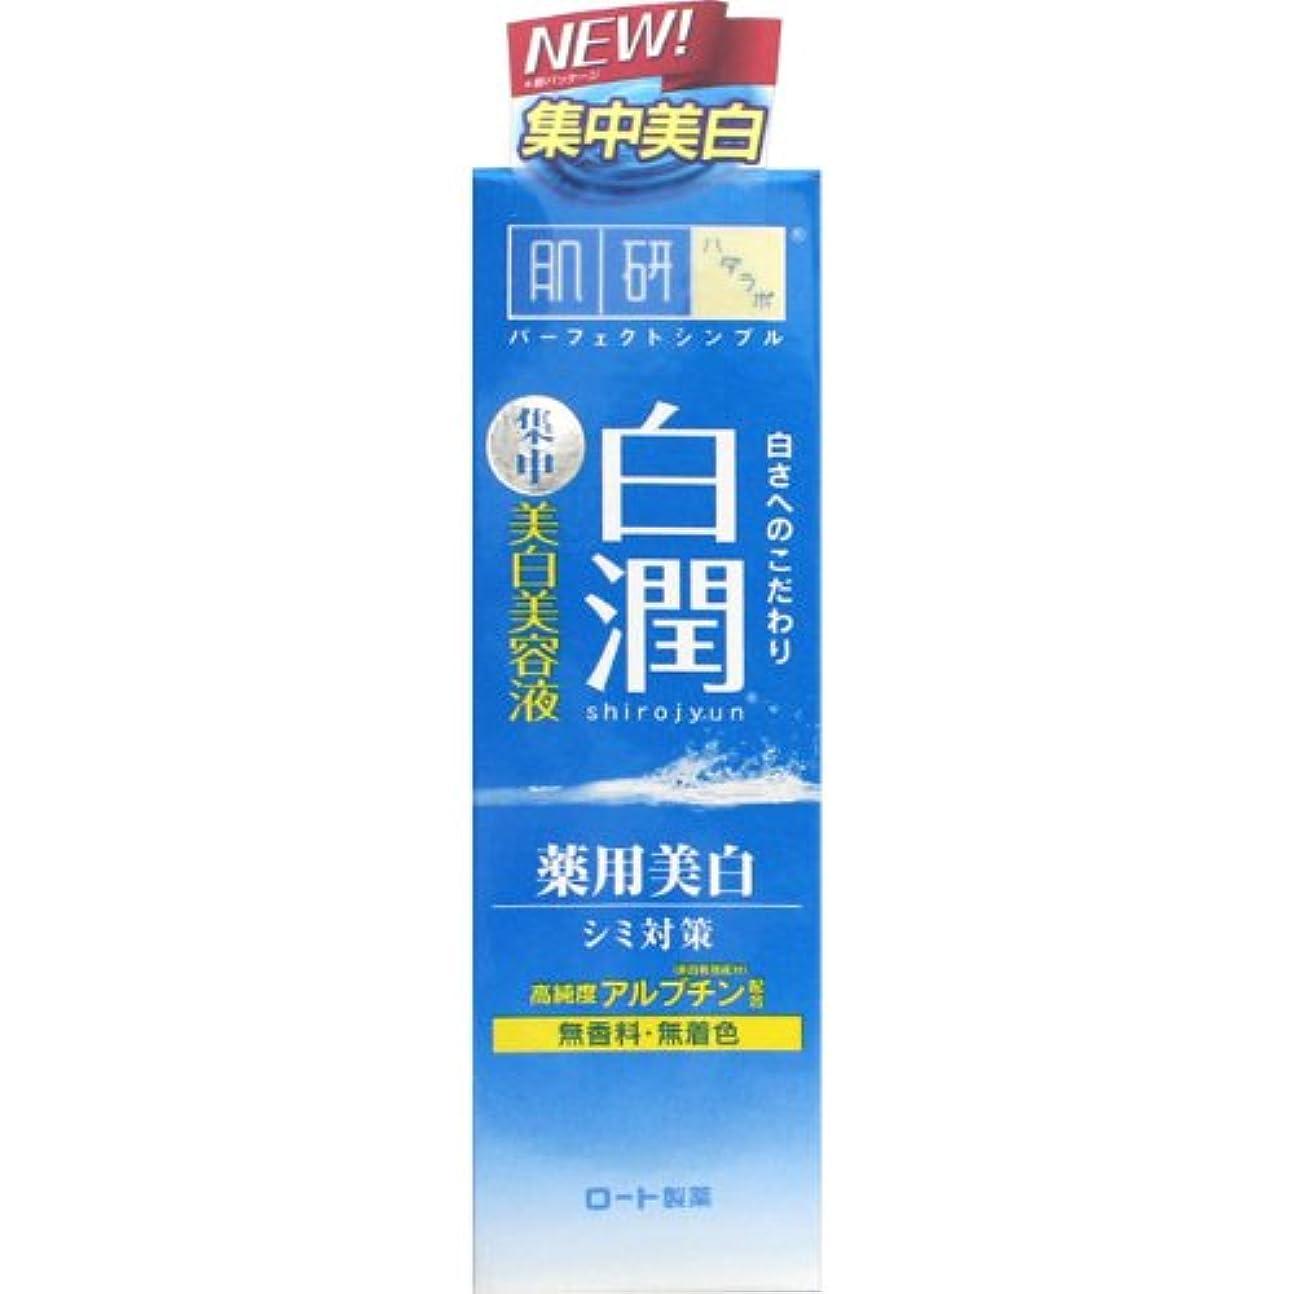 時間とともに落ち着いてカート【医薬部外品】肌研(ハダラボ) 白潤 薬用美白美容液 30g